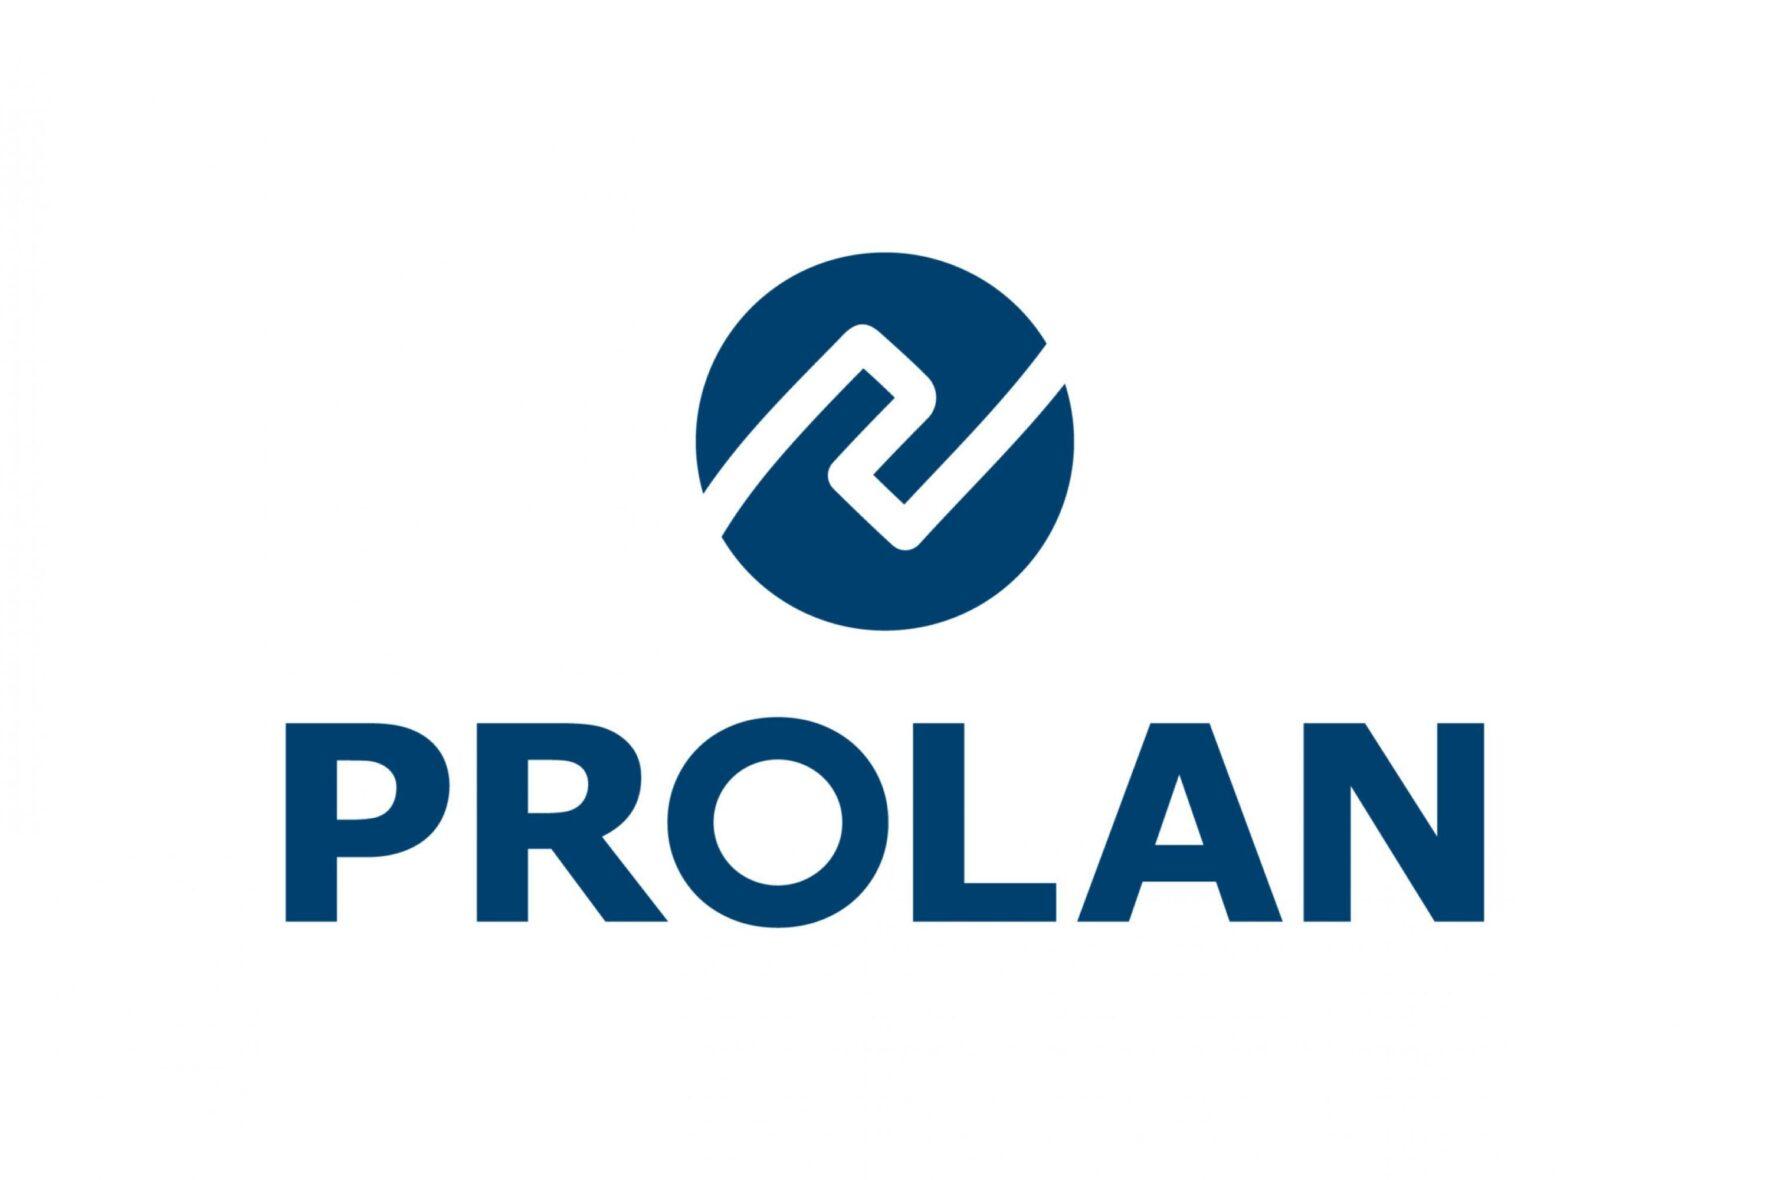 Vorschau-Bild: Redesign Logo und Rebranding – PROLAN